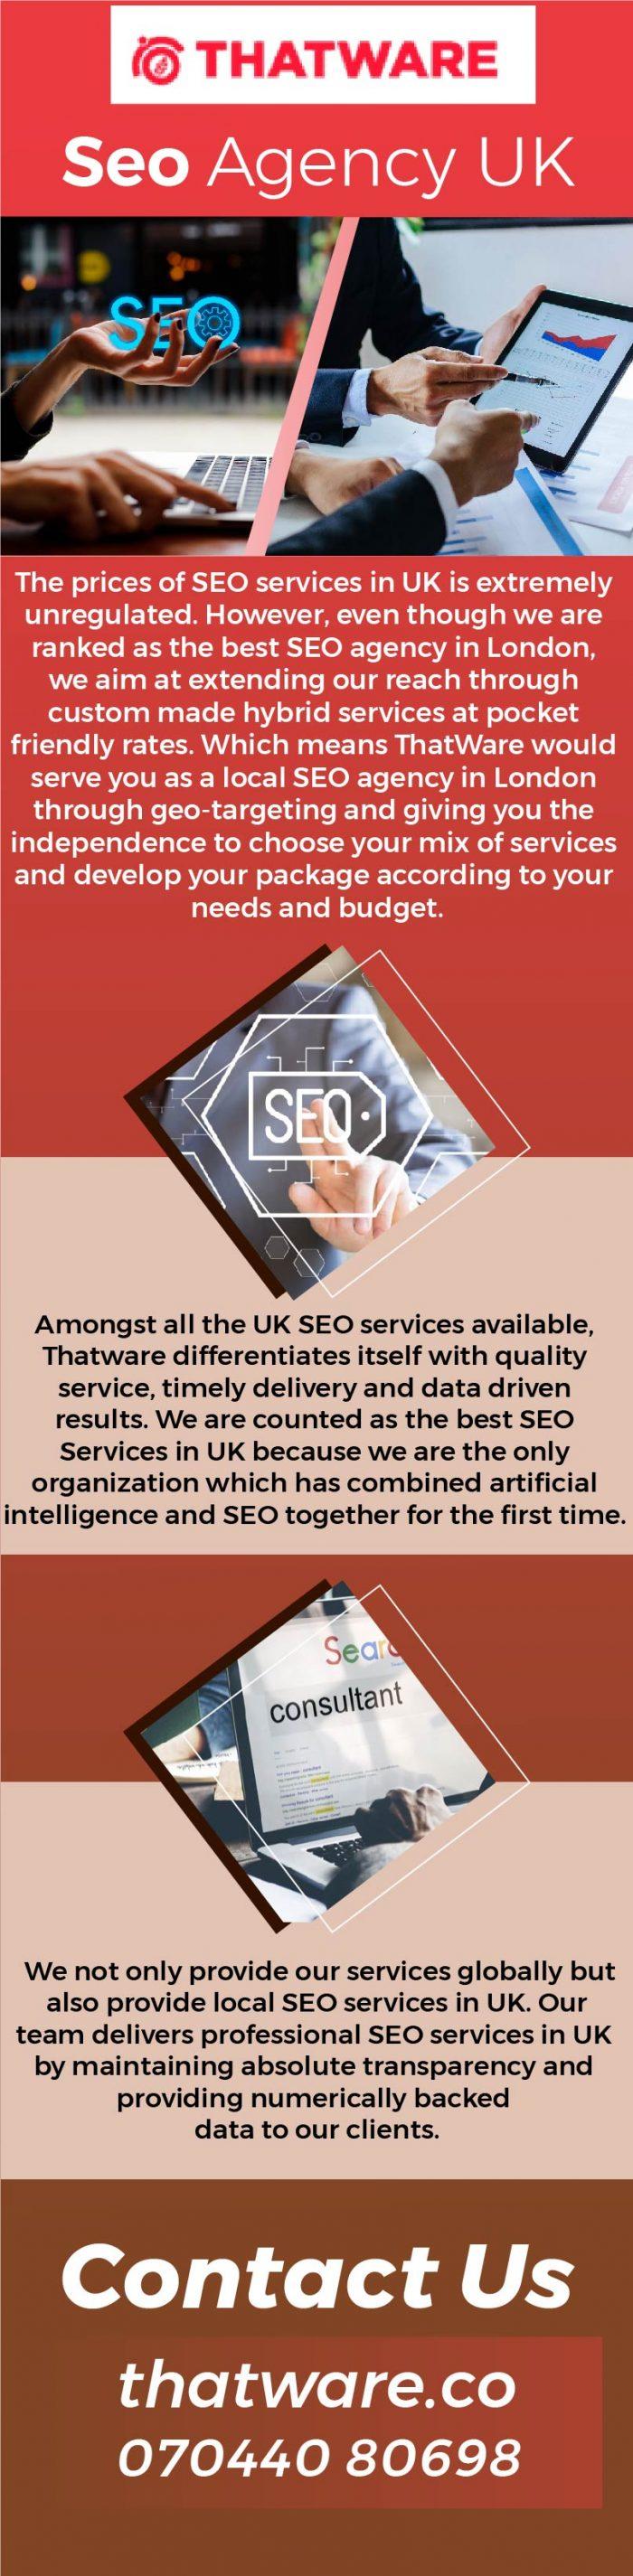 Best SEO Agency UK – Thatware LLP